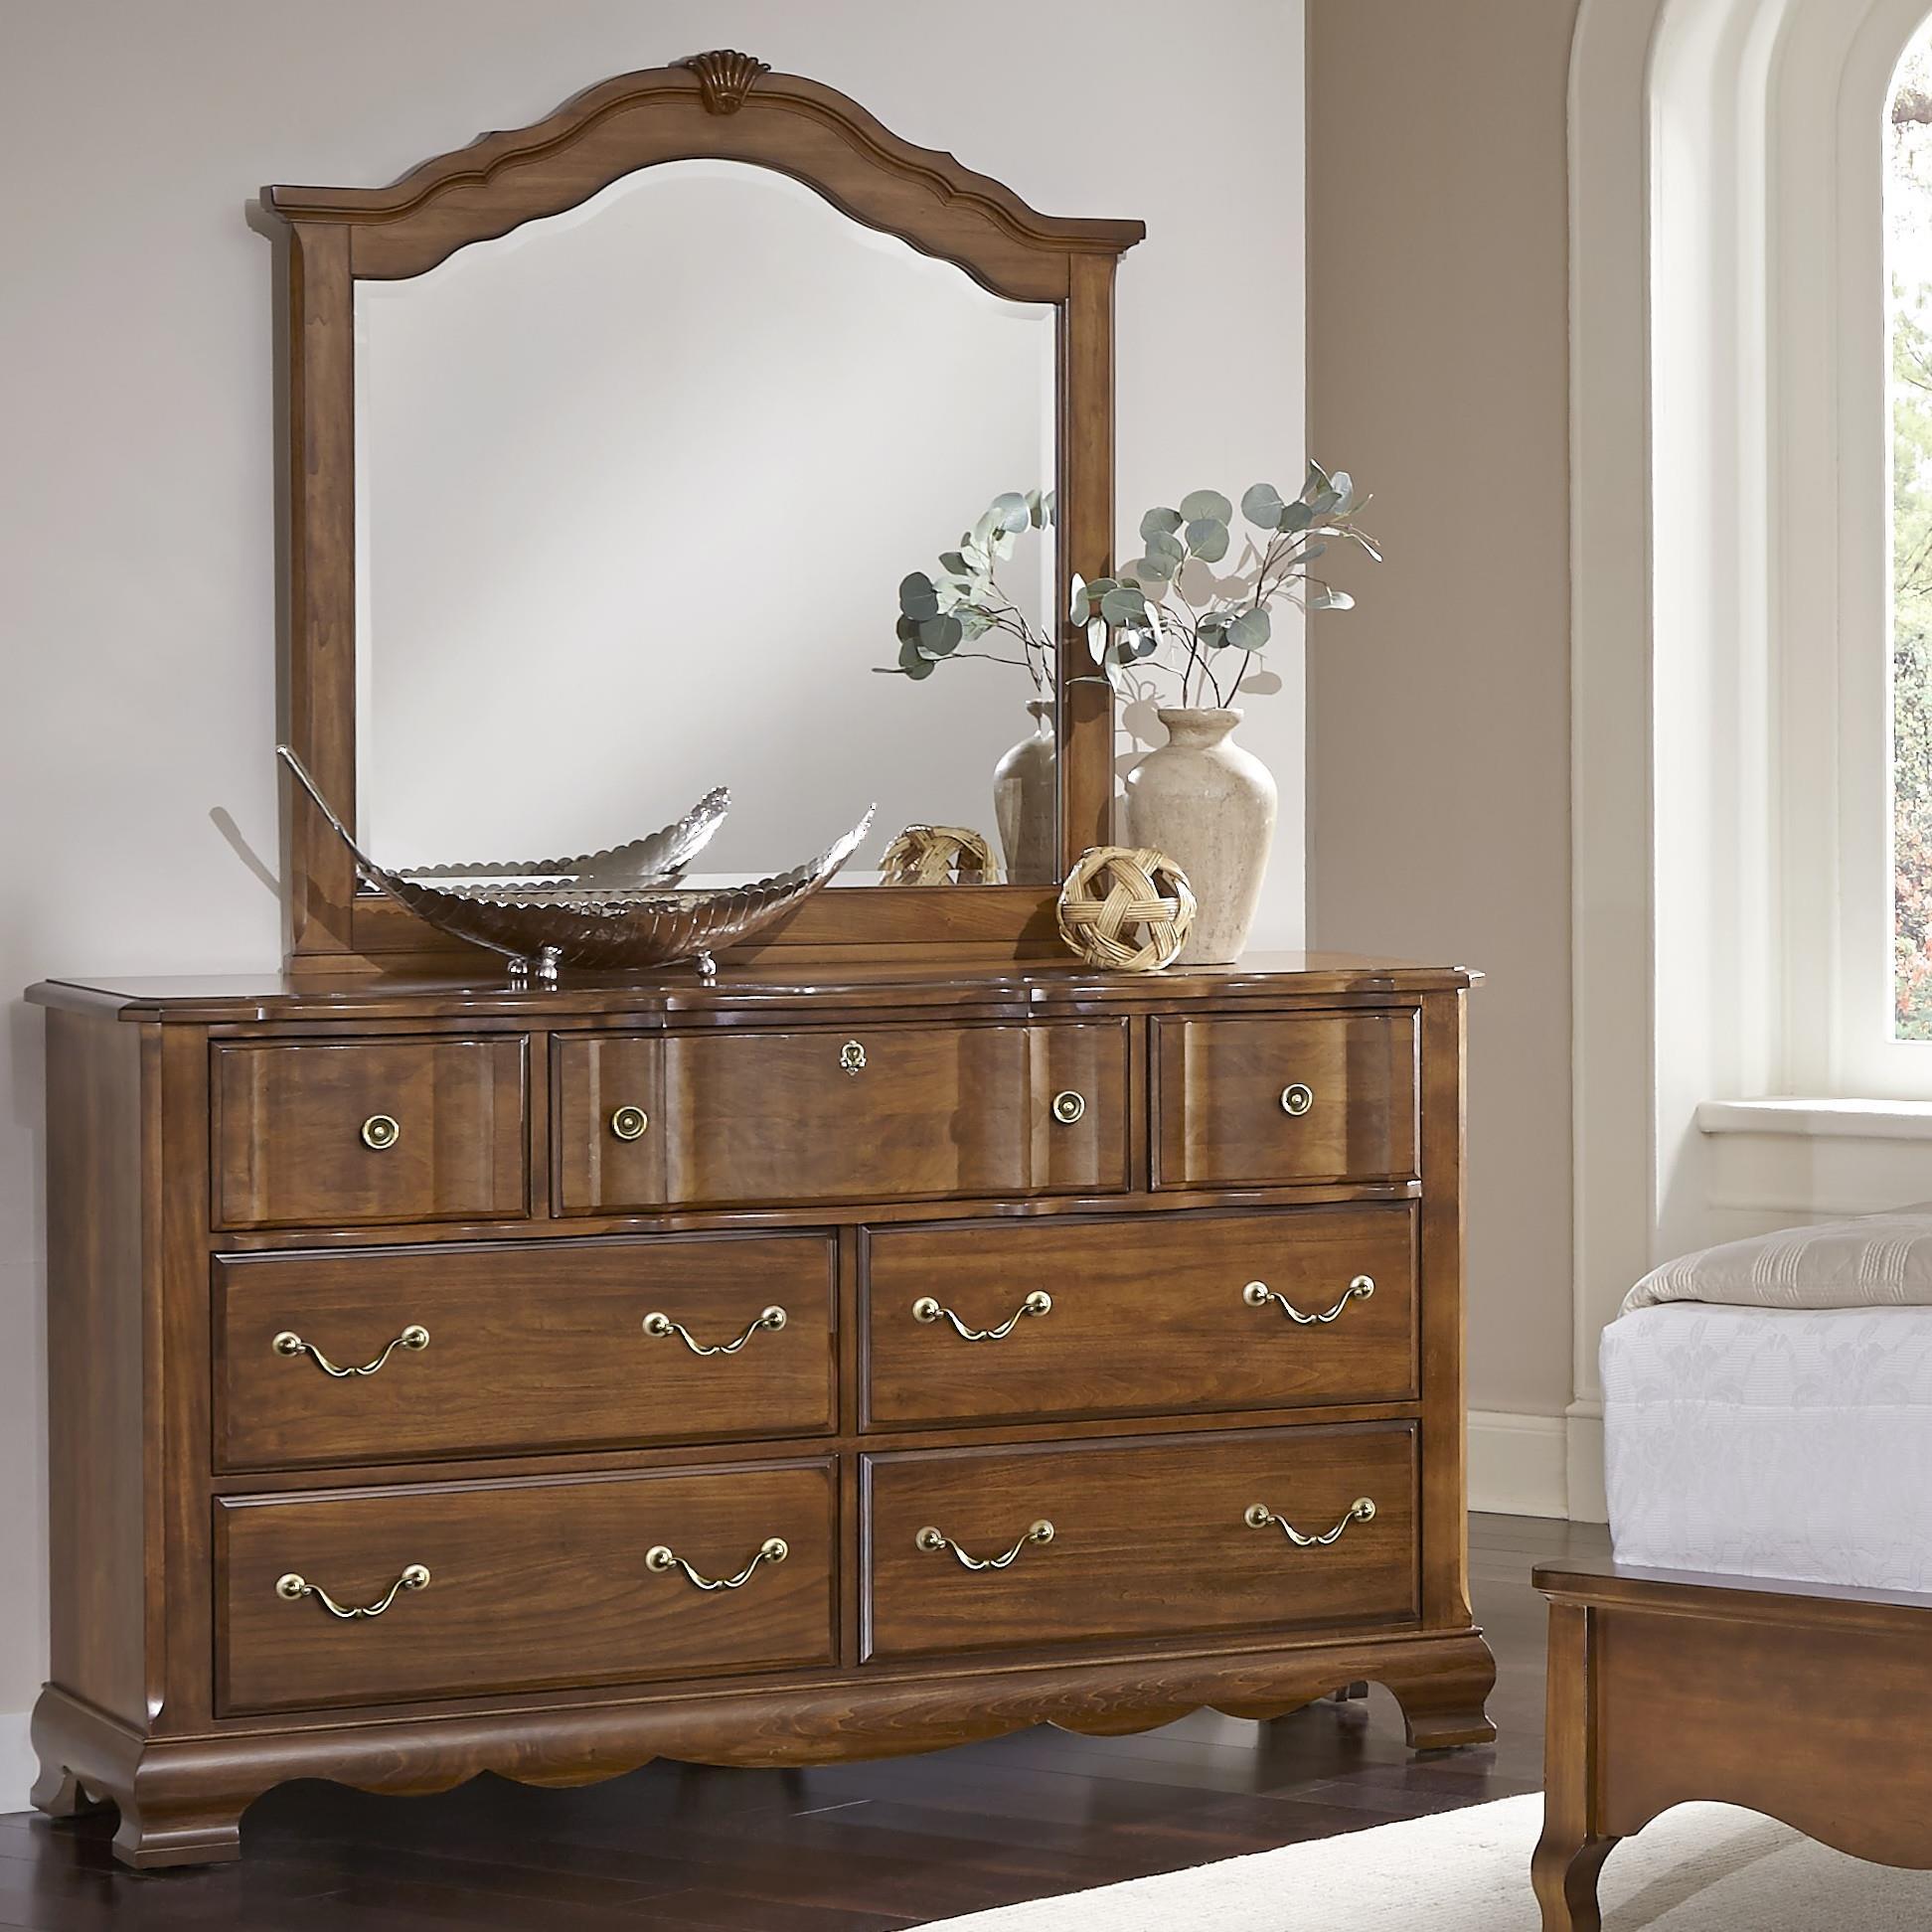 Vaughan Bassett Villa Sophia Dresser & Shelter Mirror - Item Number: 522-002+447